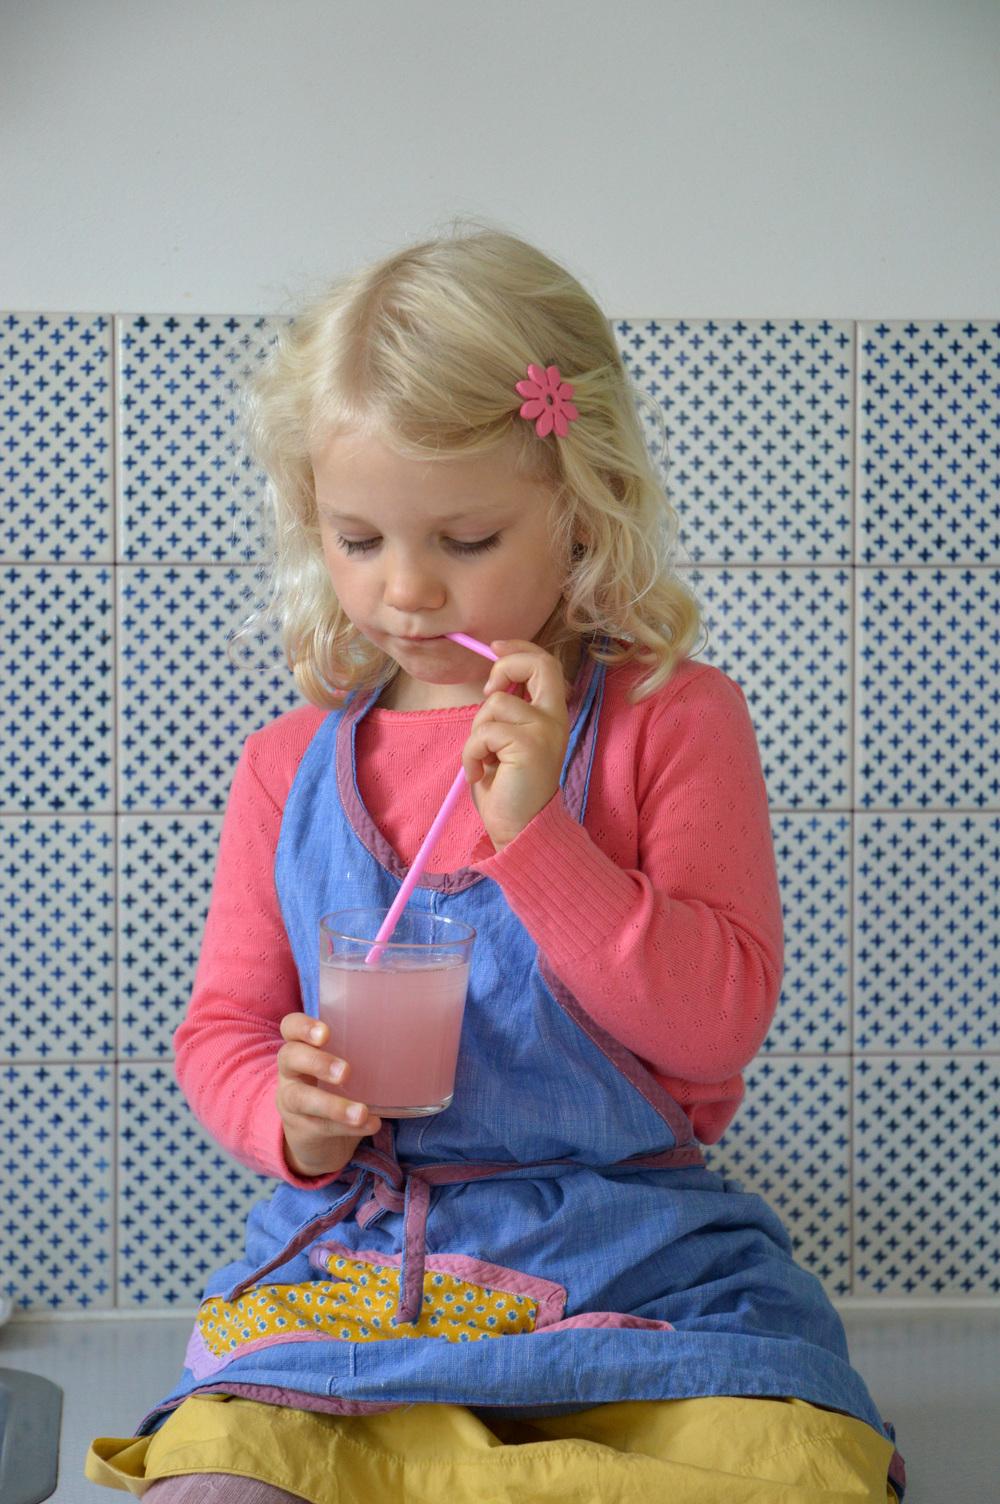 Bottled_rhubarb03.jpg